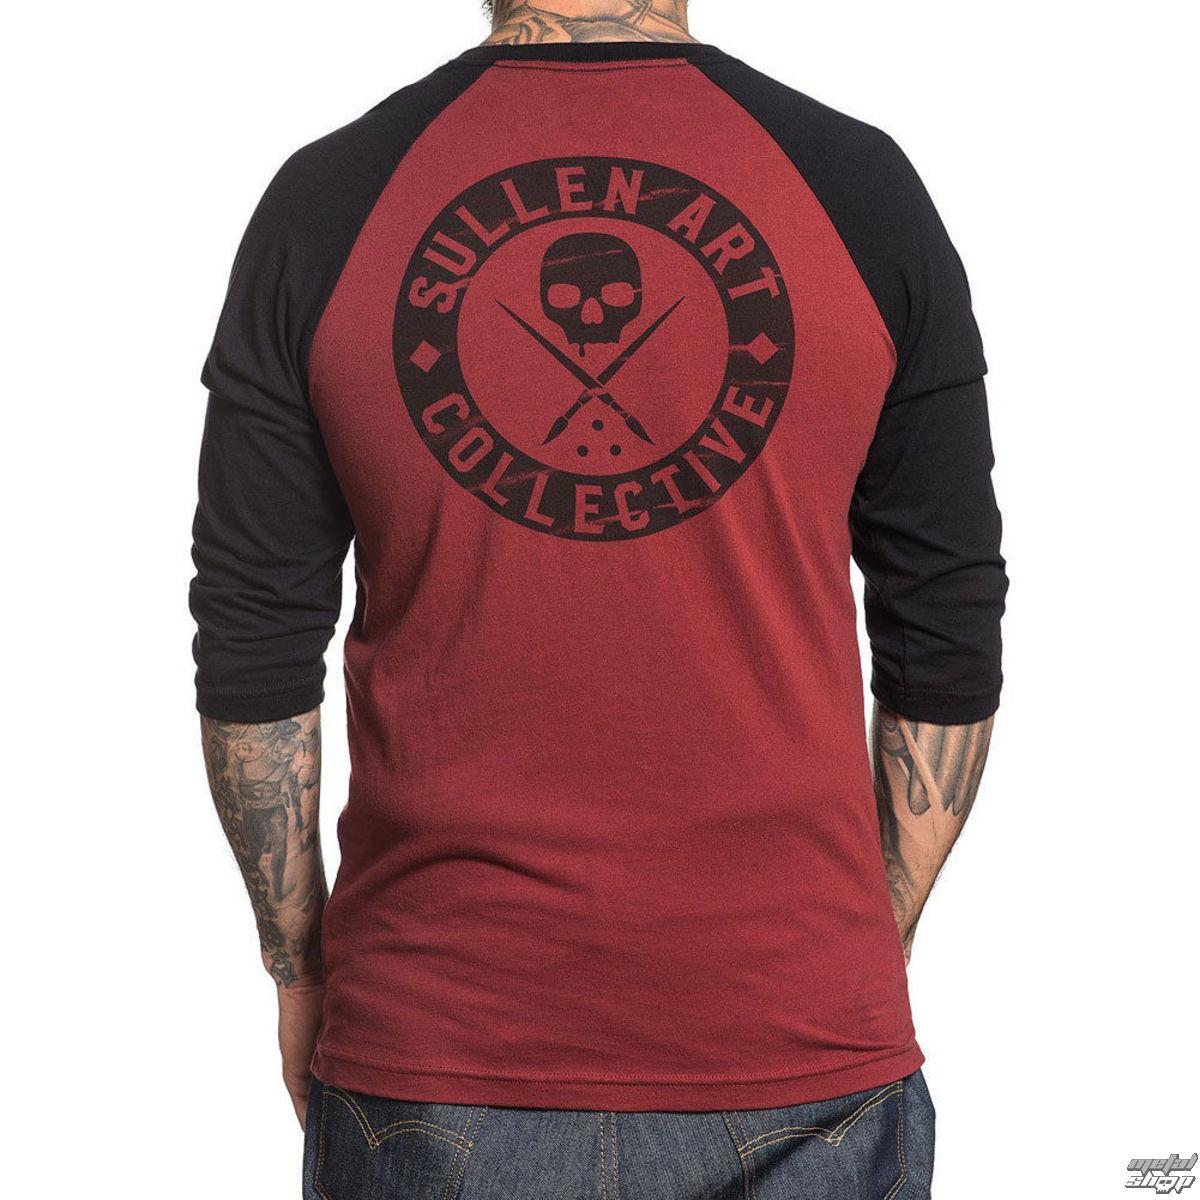 59200099cb1f tričko pánske s 3 4 rukávom SULLEN - BOH BLINK - Burgandy   BLACK ...